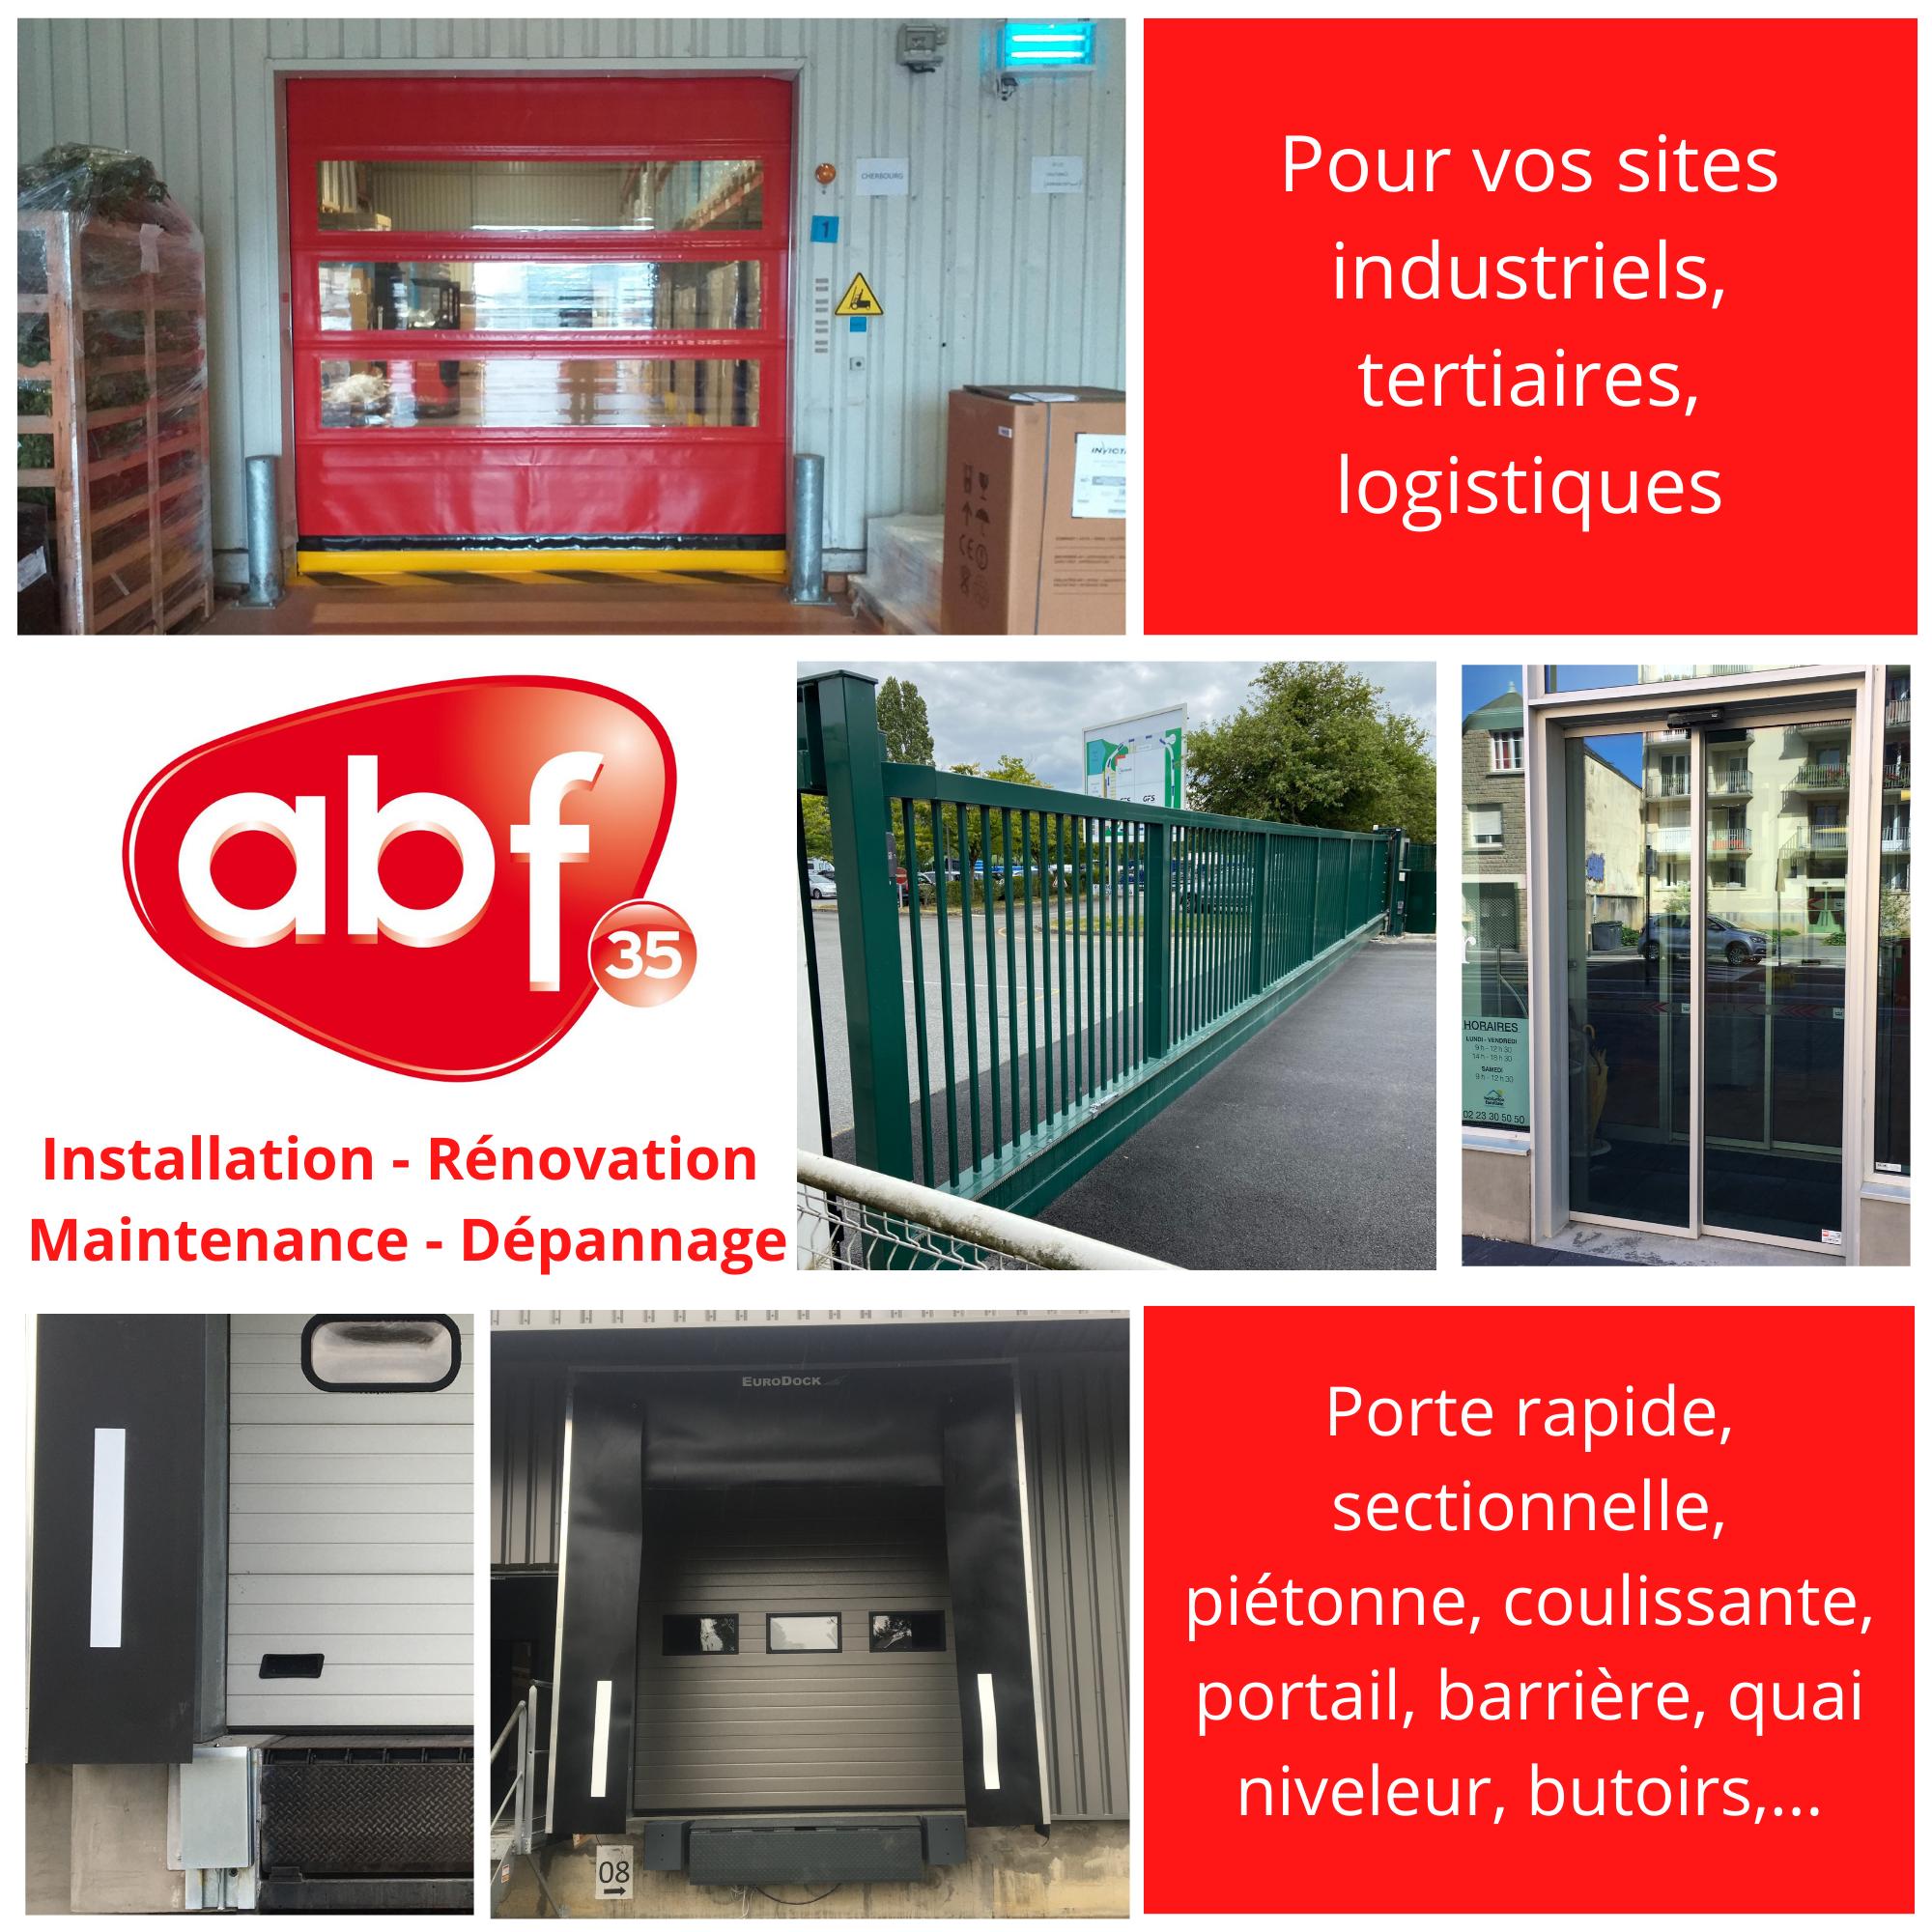 [INDUSTRIE] Concentrez-vous sur votre activité, ABF35 s'occupe de vos portes !